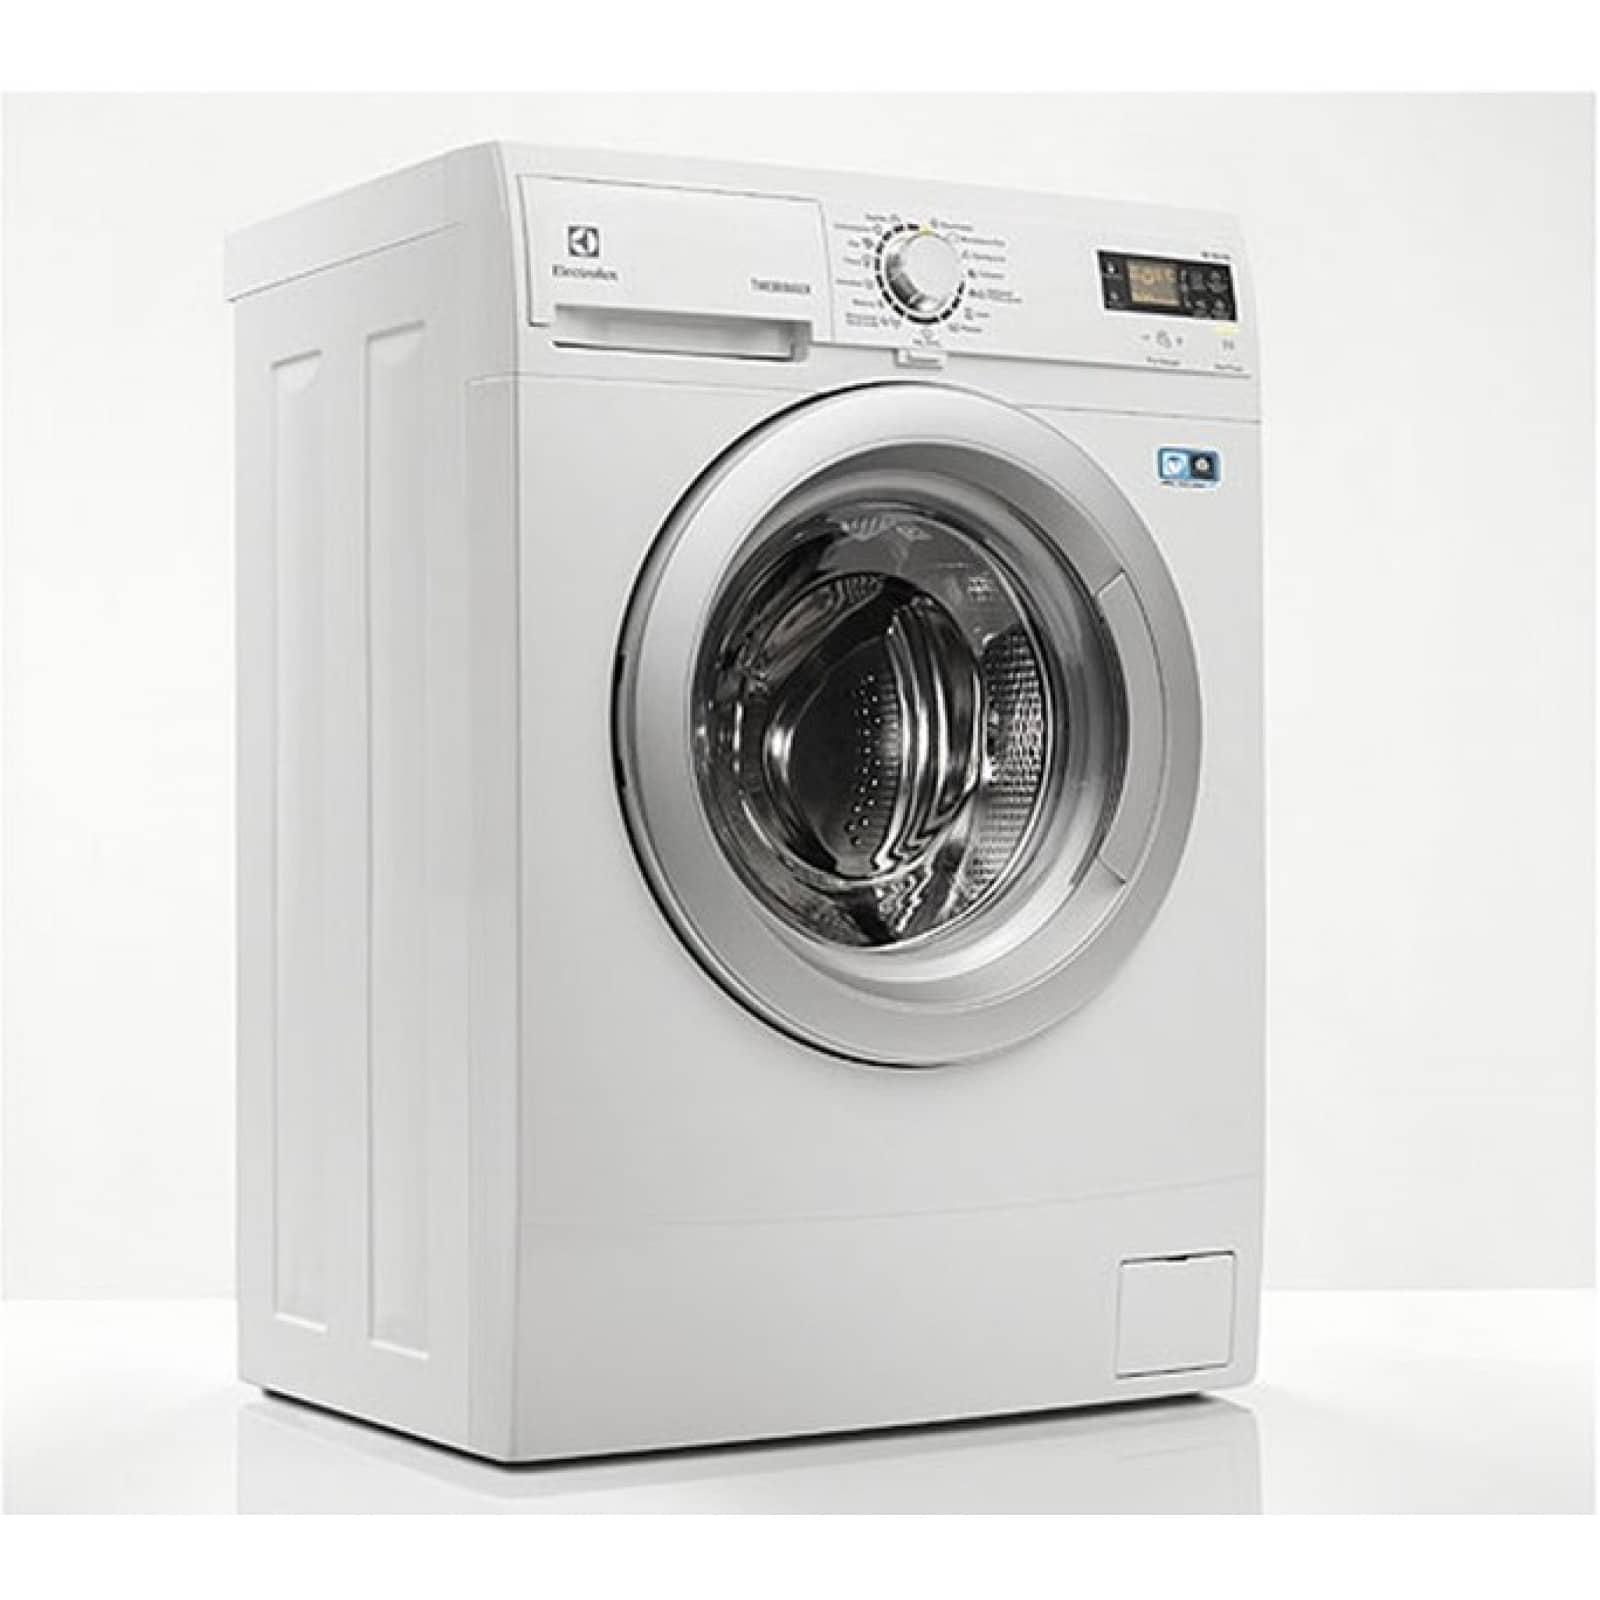 Как выбрать стиральную машину electrolux для дома. большая инструкция для успешной покупки